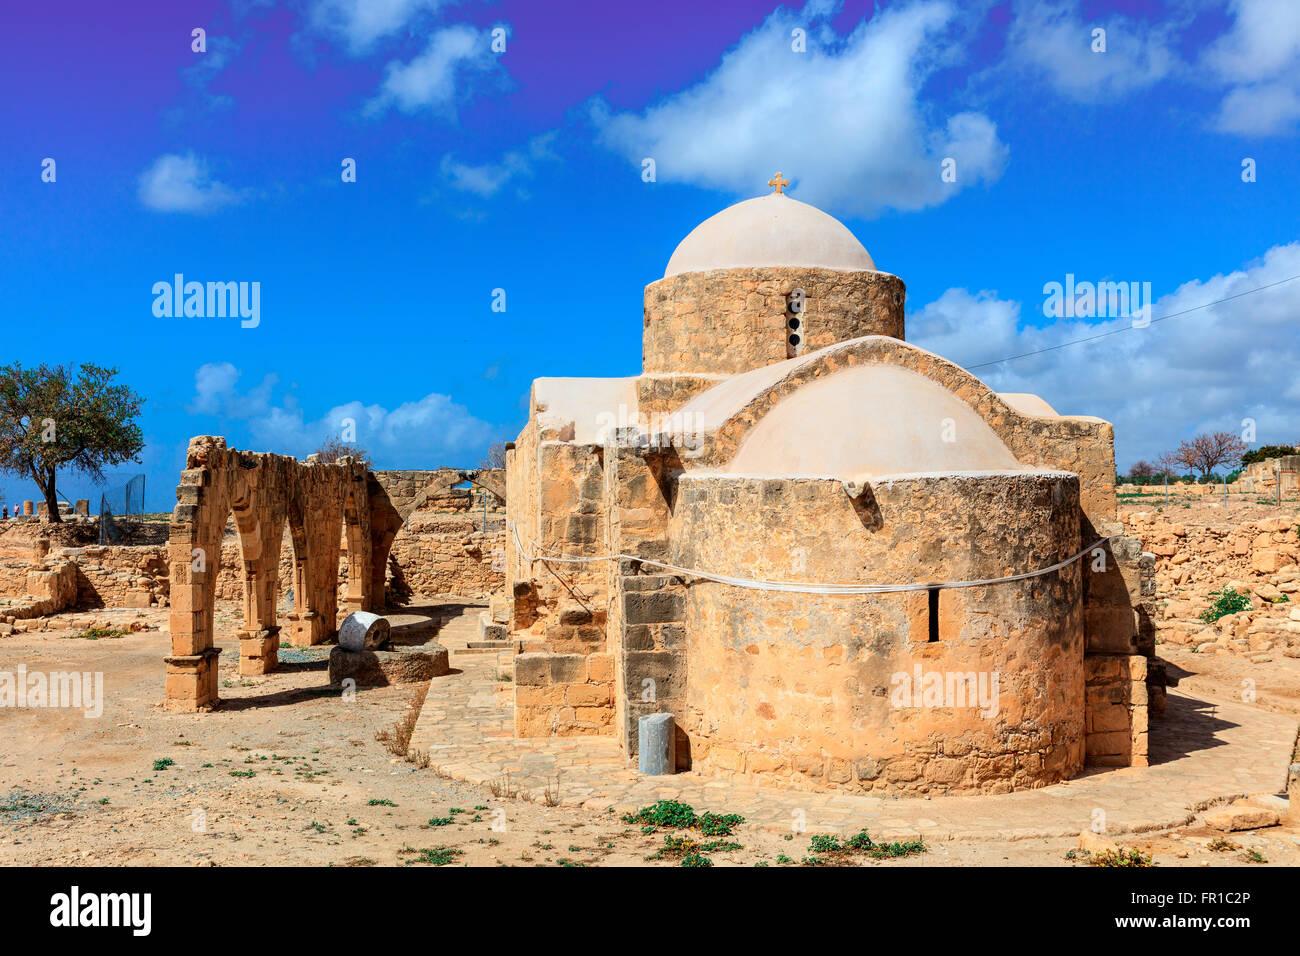 Ancienne église de Panagia Odigitria '' (la Vierge Marie) Directeurs à Chypre. Photo Stock